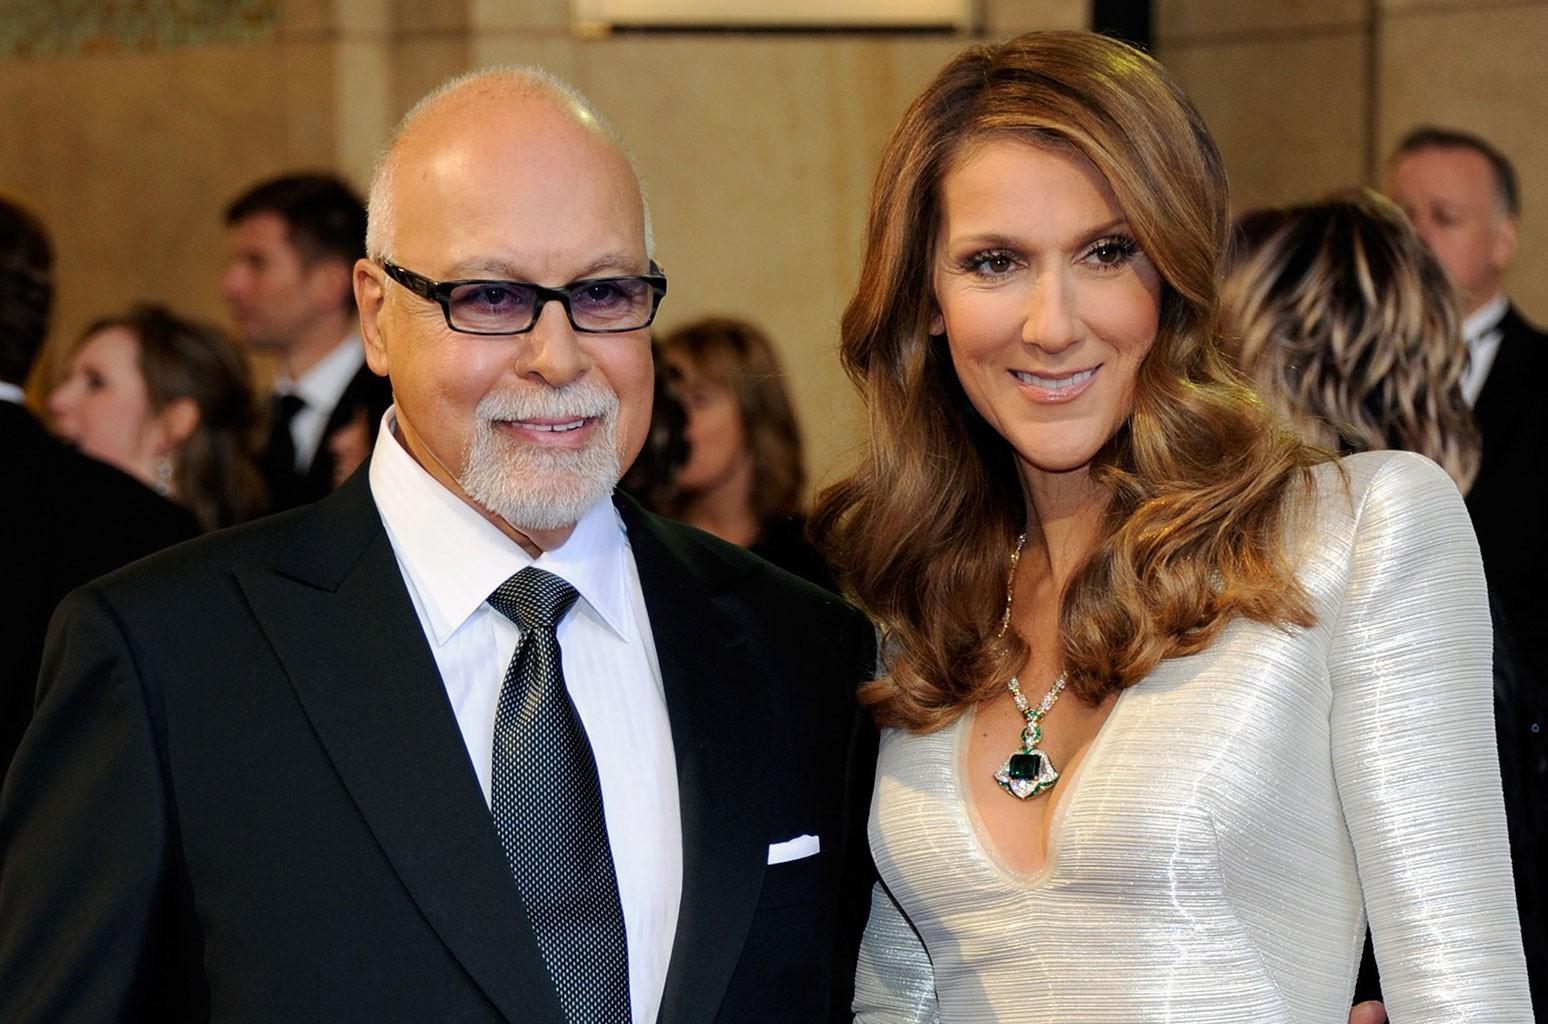 Celine Dion Tributes Husband Rene Angelil Billboard